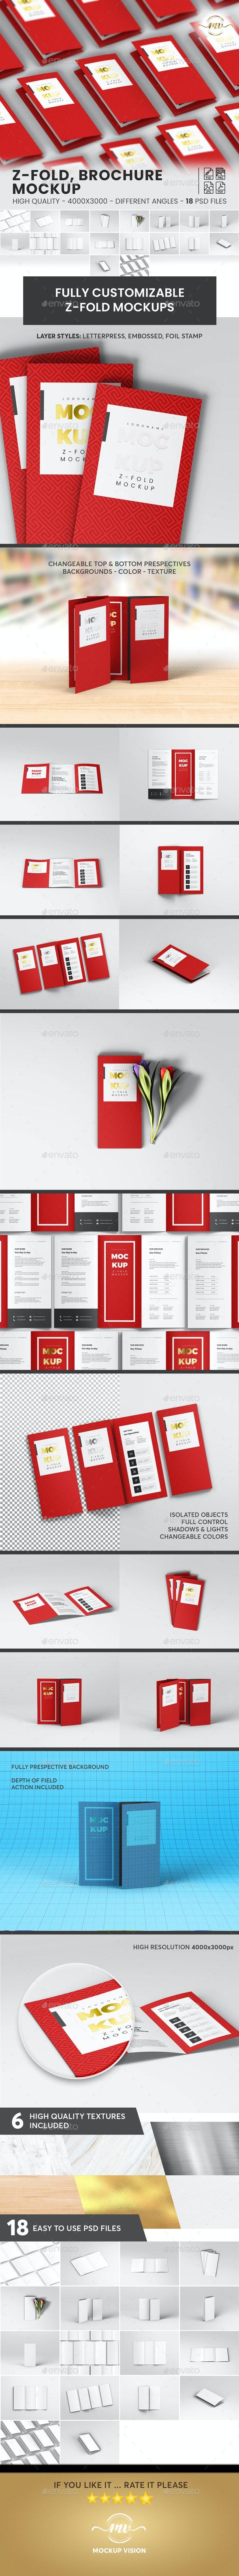 A4 Z-Fold, Brochure Mockup V1 - Brochures Print